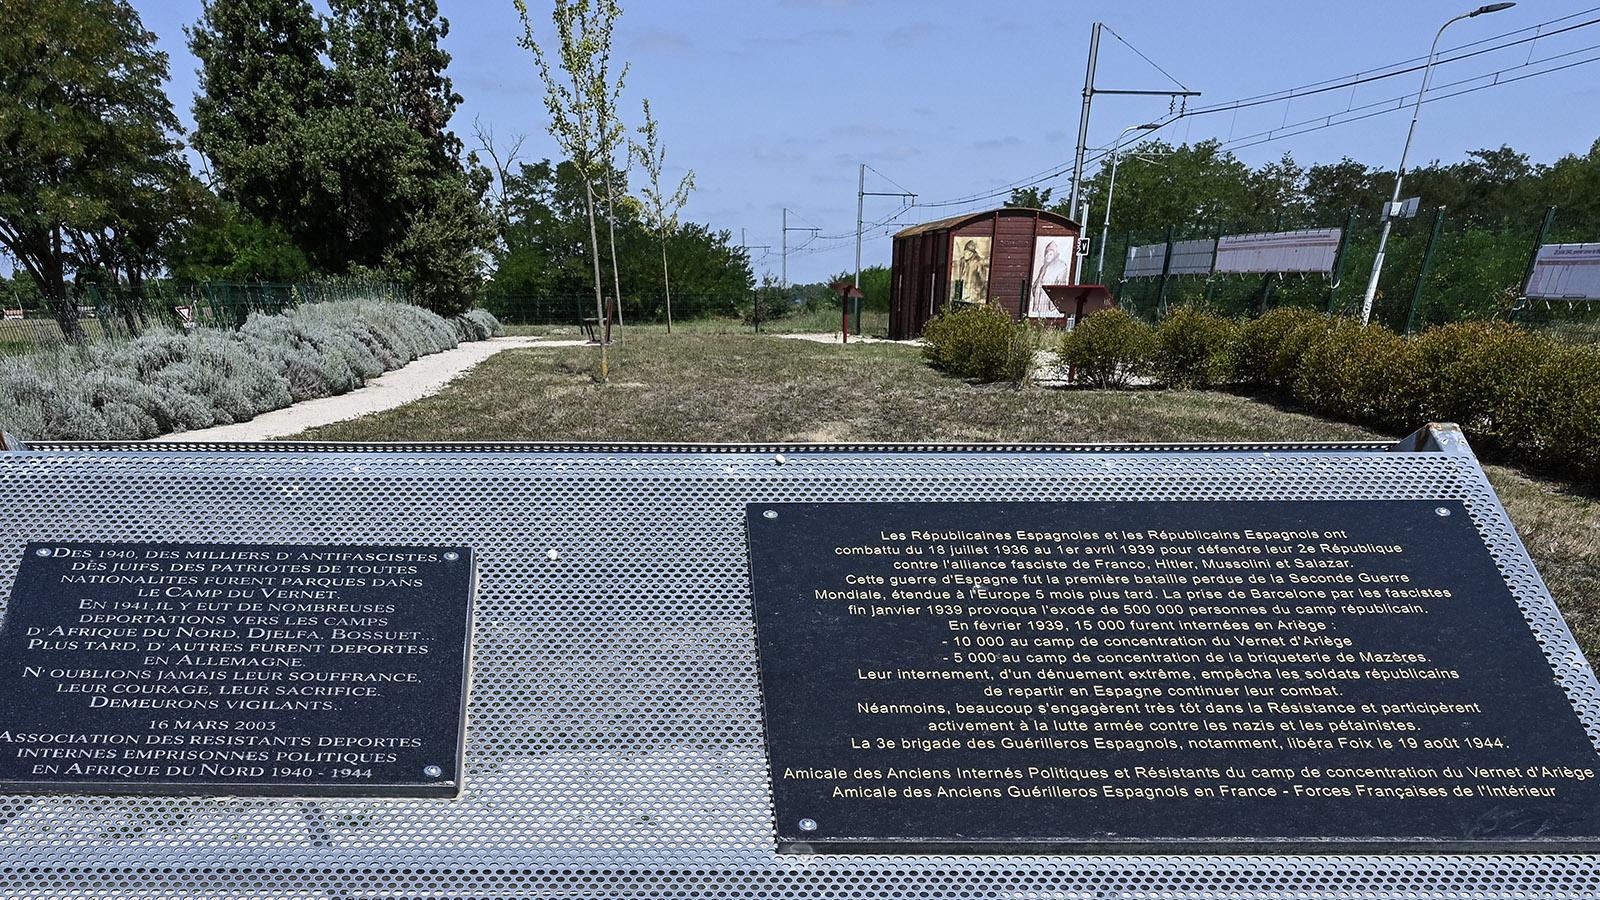 Die Gedenktafeln für die republikanischen Kämpfer im spanischen Bürgerkrieg. Foto: Hilke Maunder